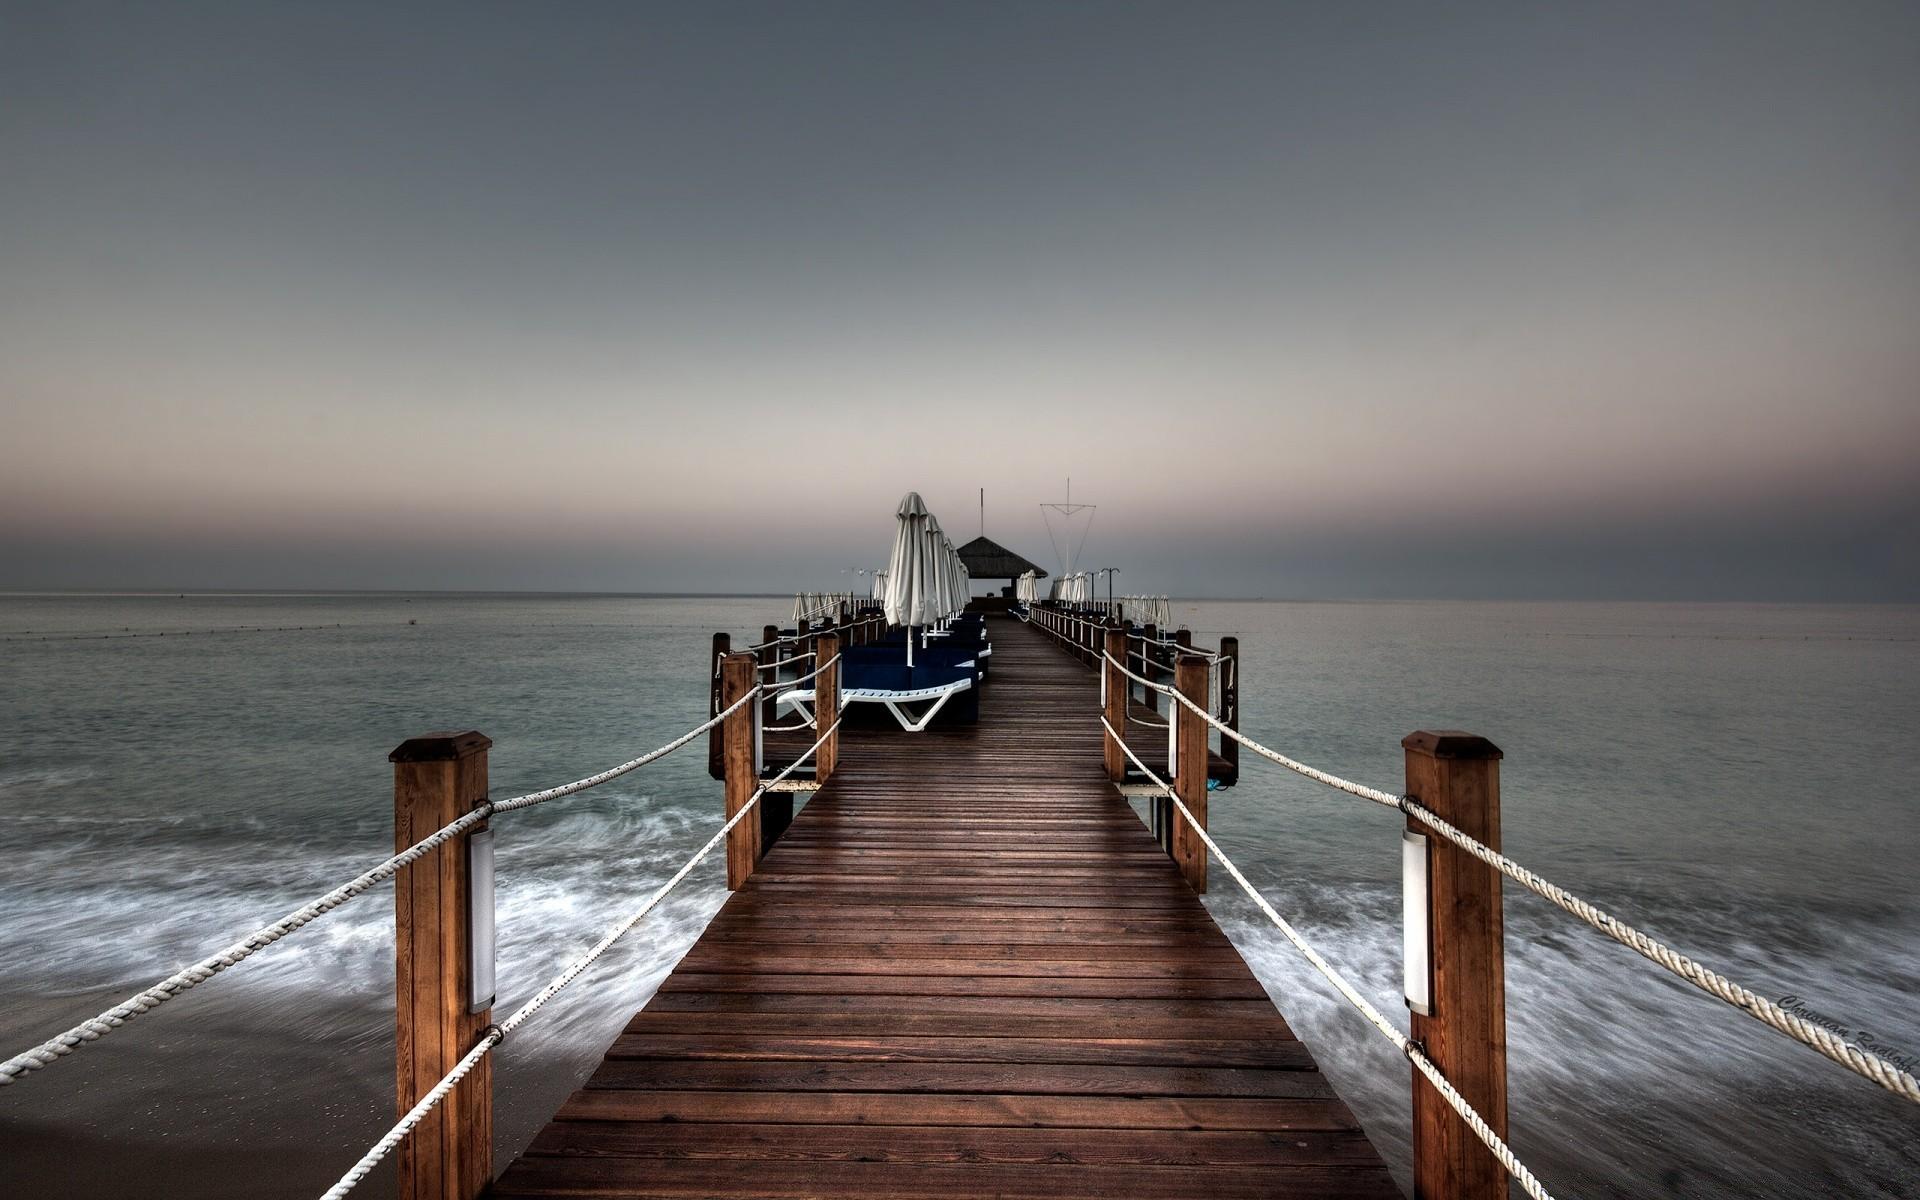 причал фонари берег море pier lights shore sea  № 2555087  скачать